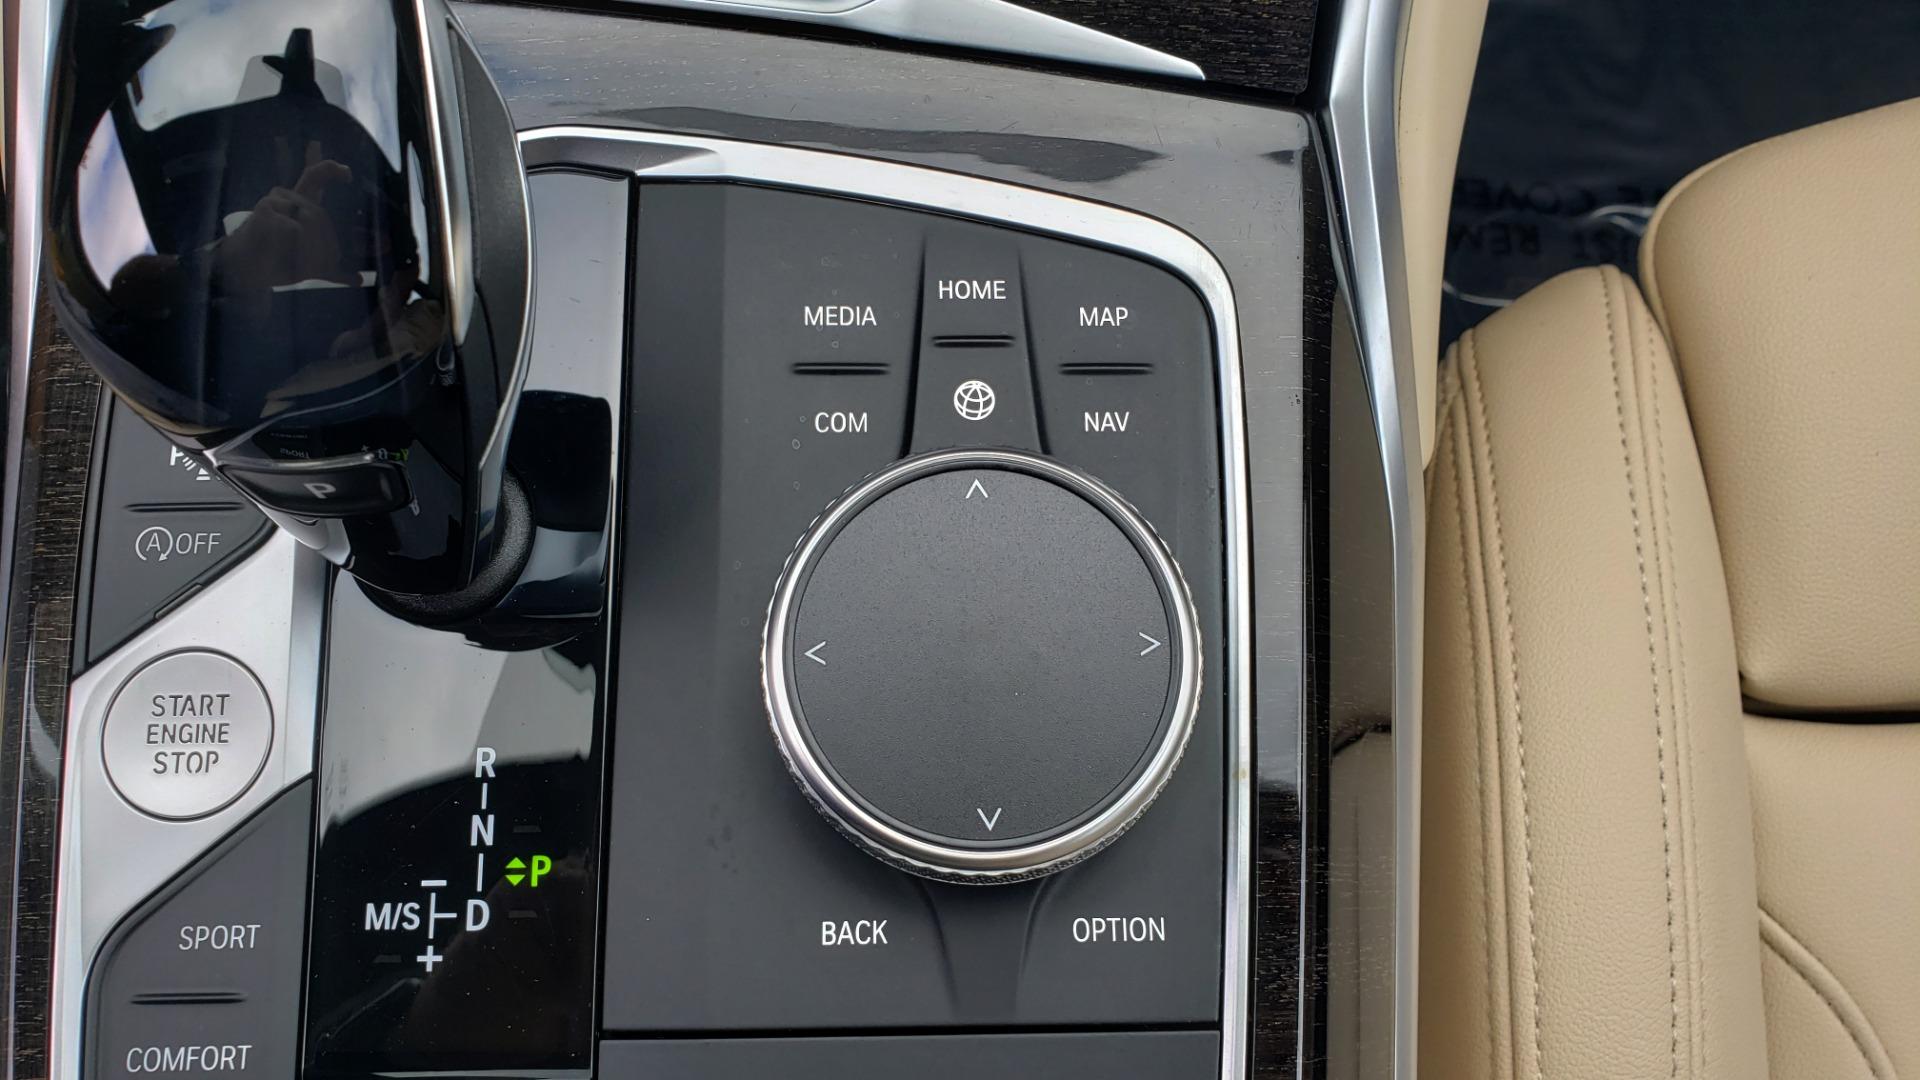 Used 2019 BMW 3 SERIES 330I PREM PKG / NAV / CONV PKG / H&K SND / LIVE COCKPIT PRO for sale Sold at Formula Imports in Charlotte NC 28227 53